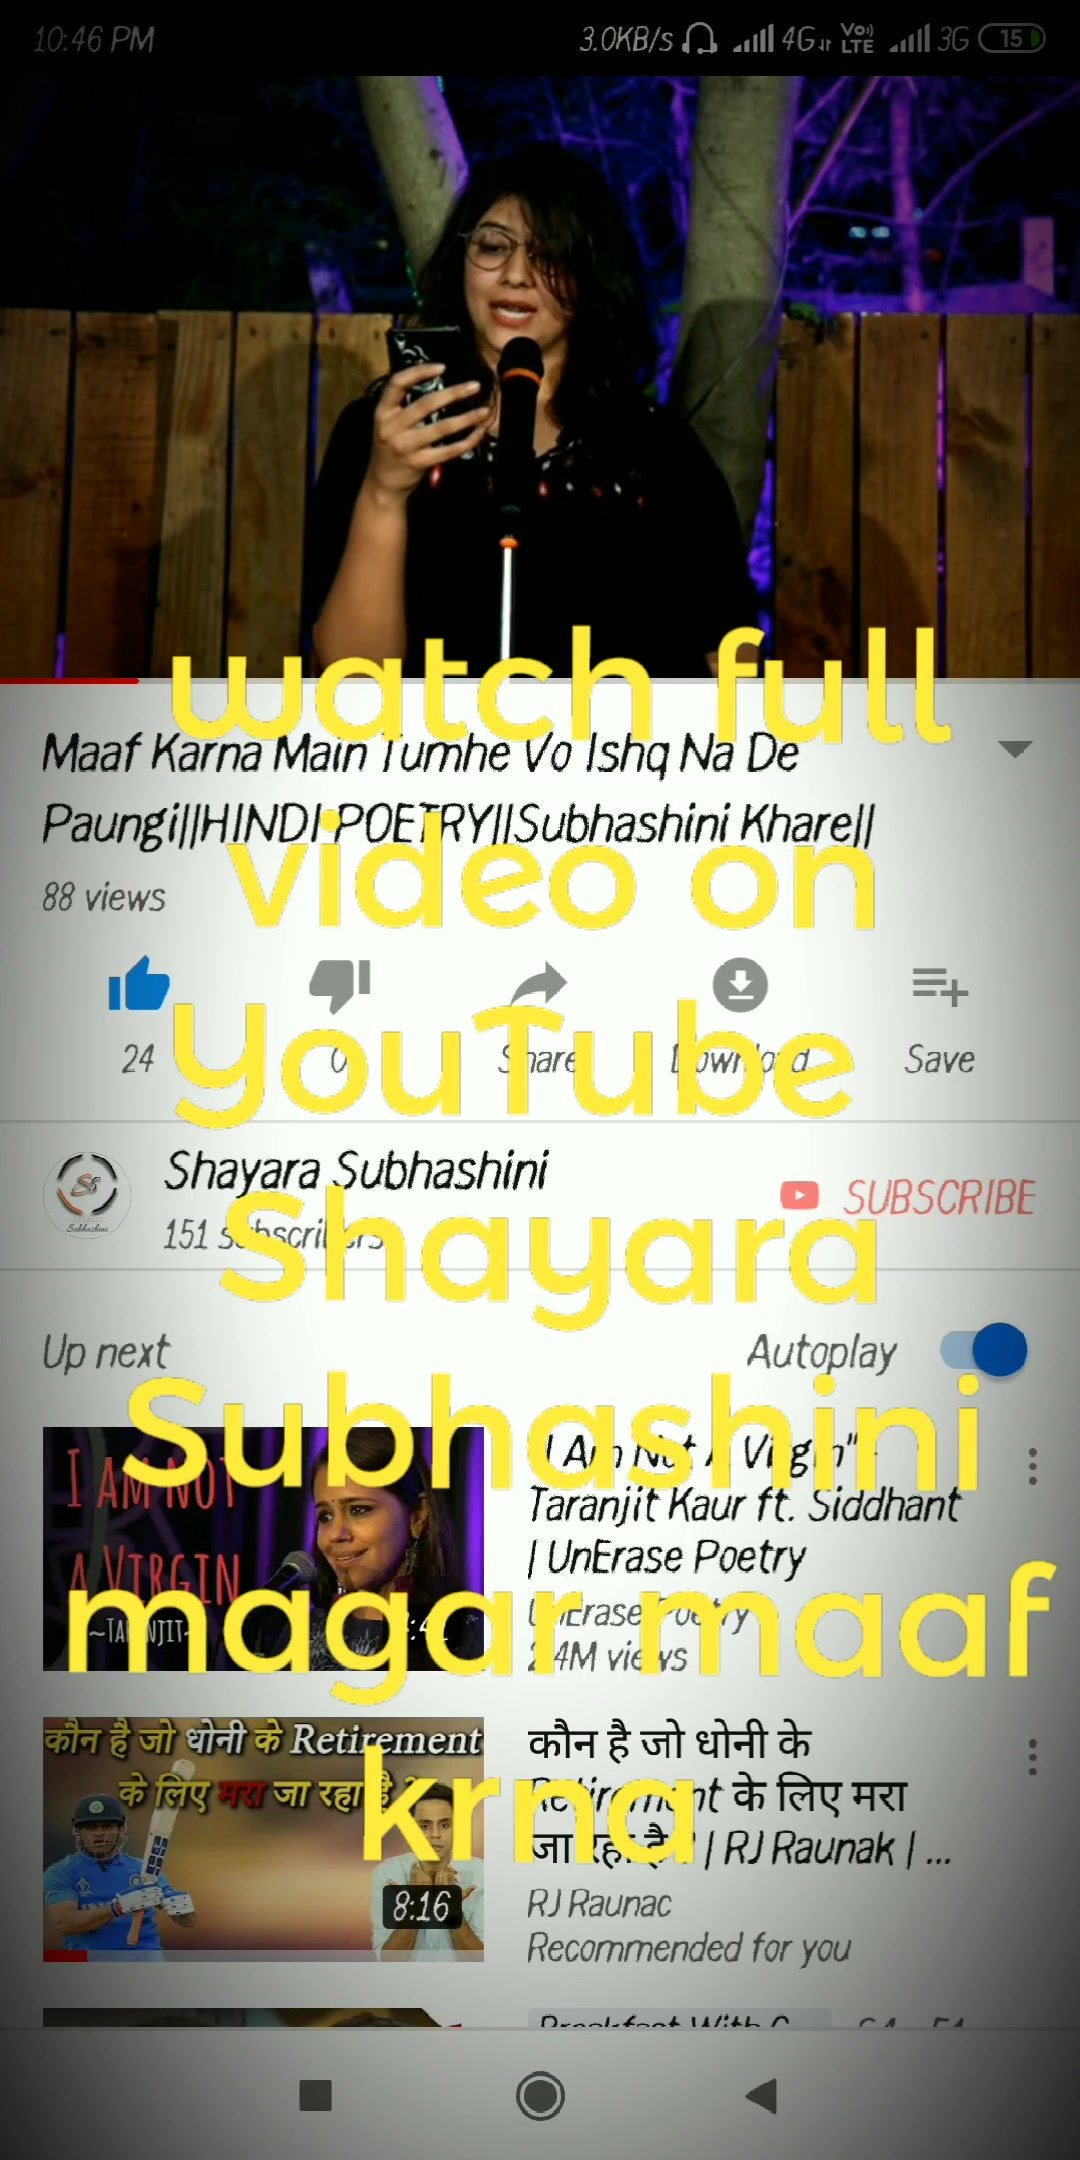 watch full video on YouTube   Shayara Subhashini magar maaf krna